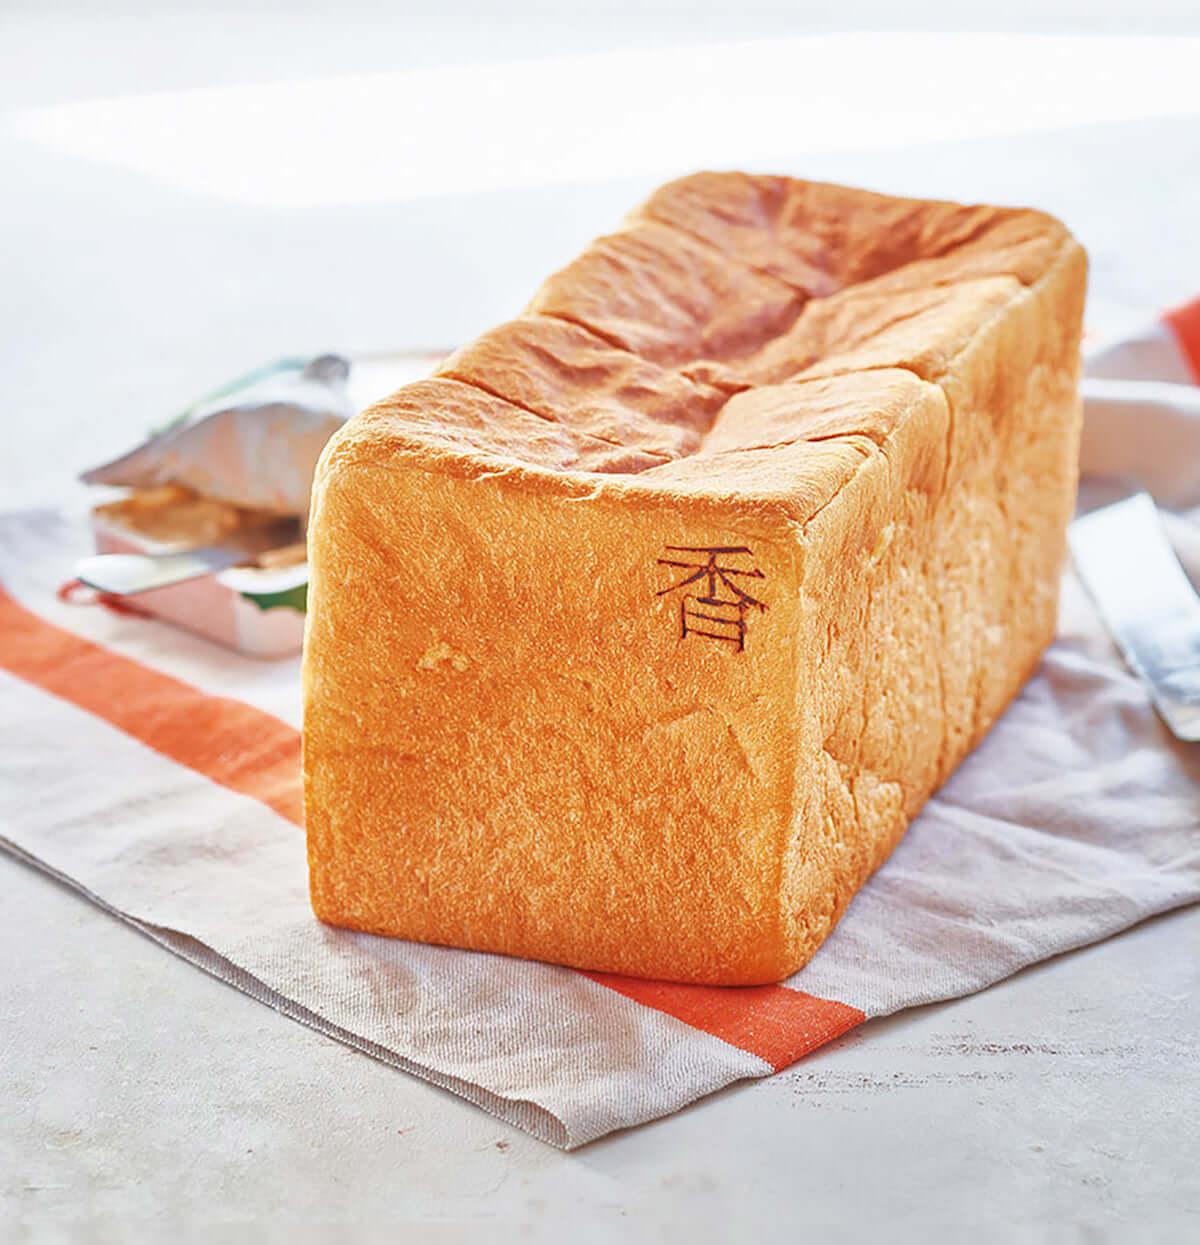 「パンフェス」に全国各地の人気、話題のパンが集結!話題の「銀座の食パン」も数量限定販売! food181210_panfes_1-1200x1245